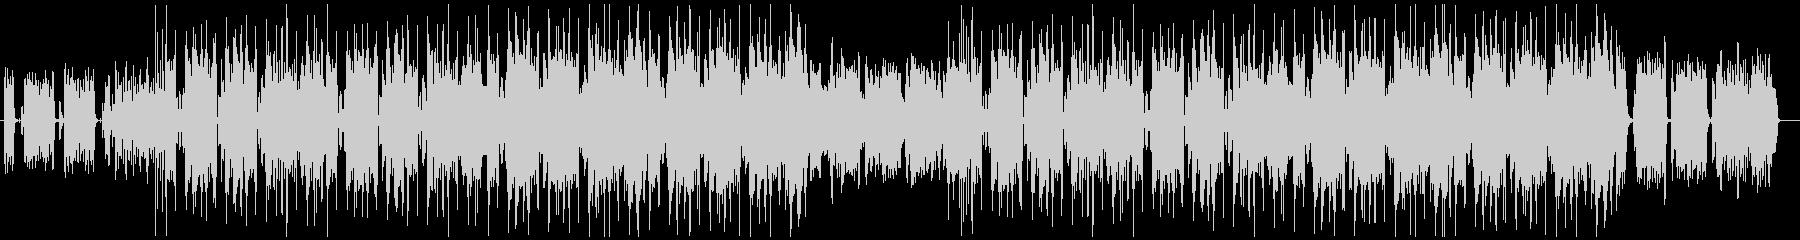 シンセが煌びやかなフューチャーR&Bの未再生の波形